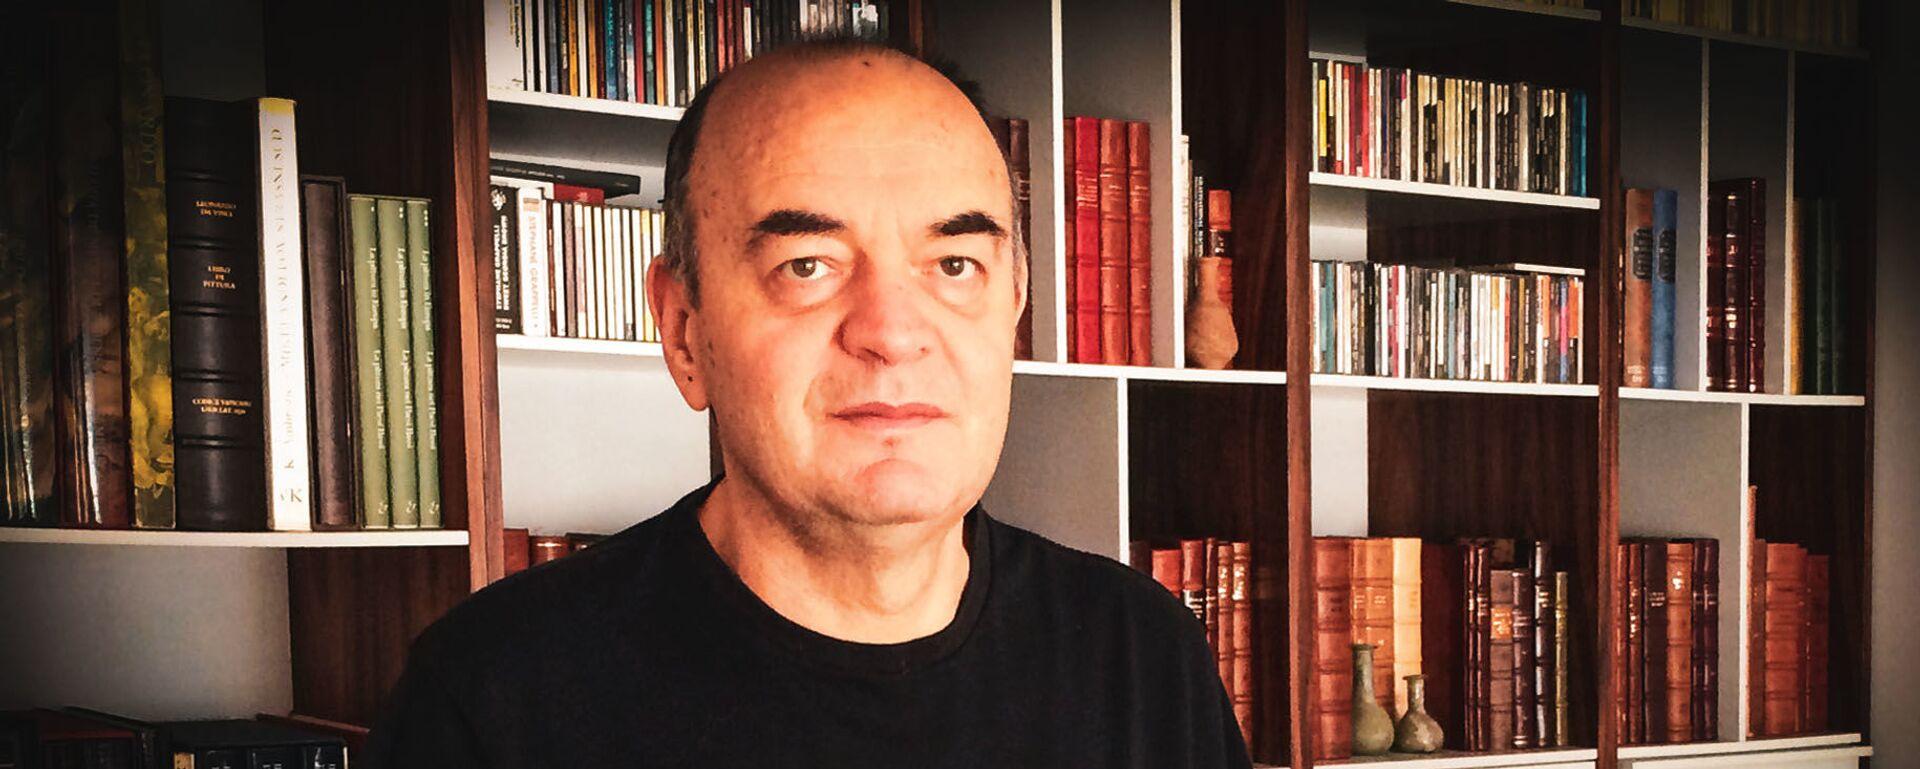 Бивши тренер КК Партизан Душко Вујошевић - Sputnik Србија, 1920, 10.09.2021